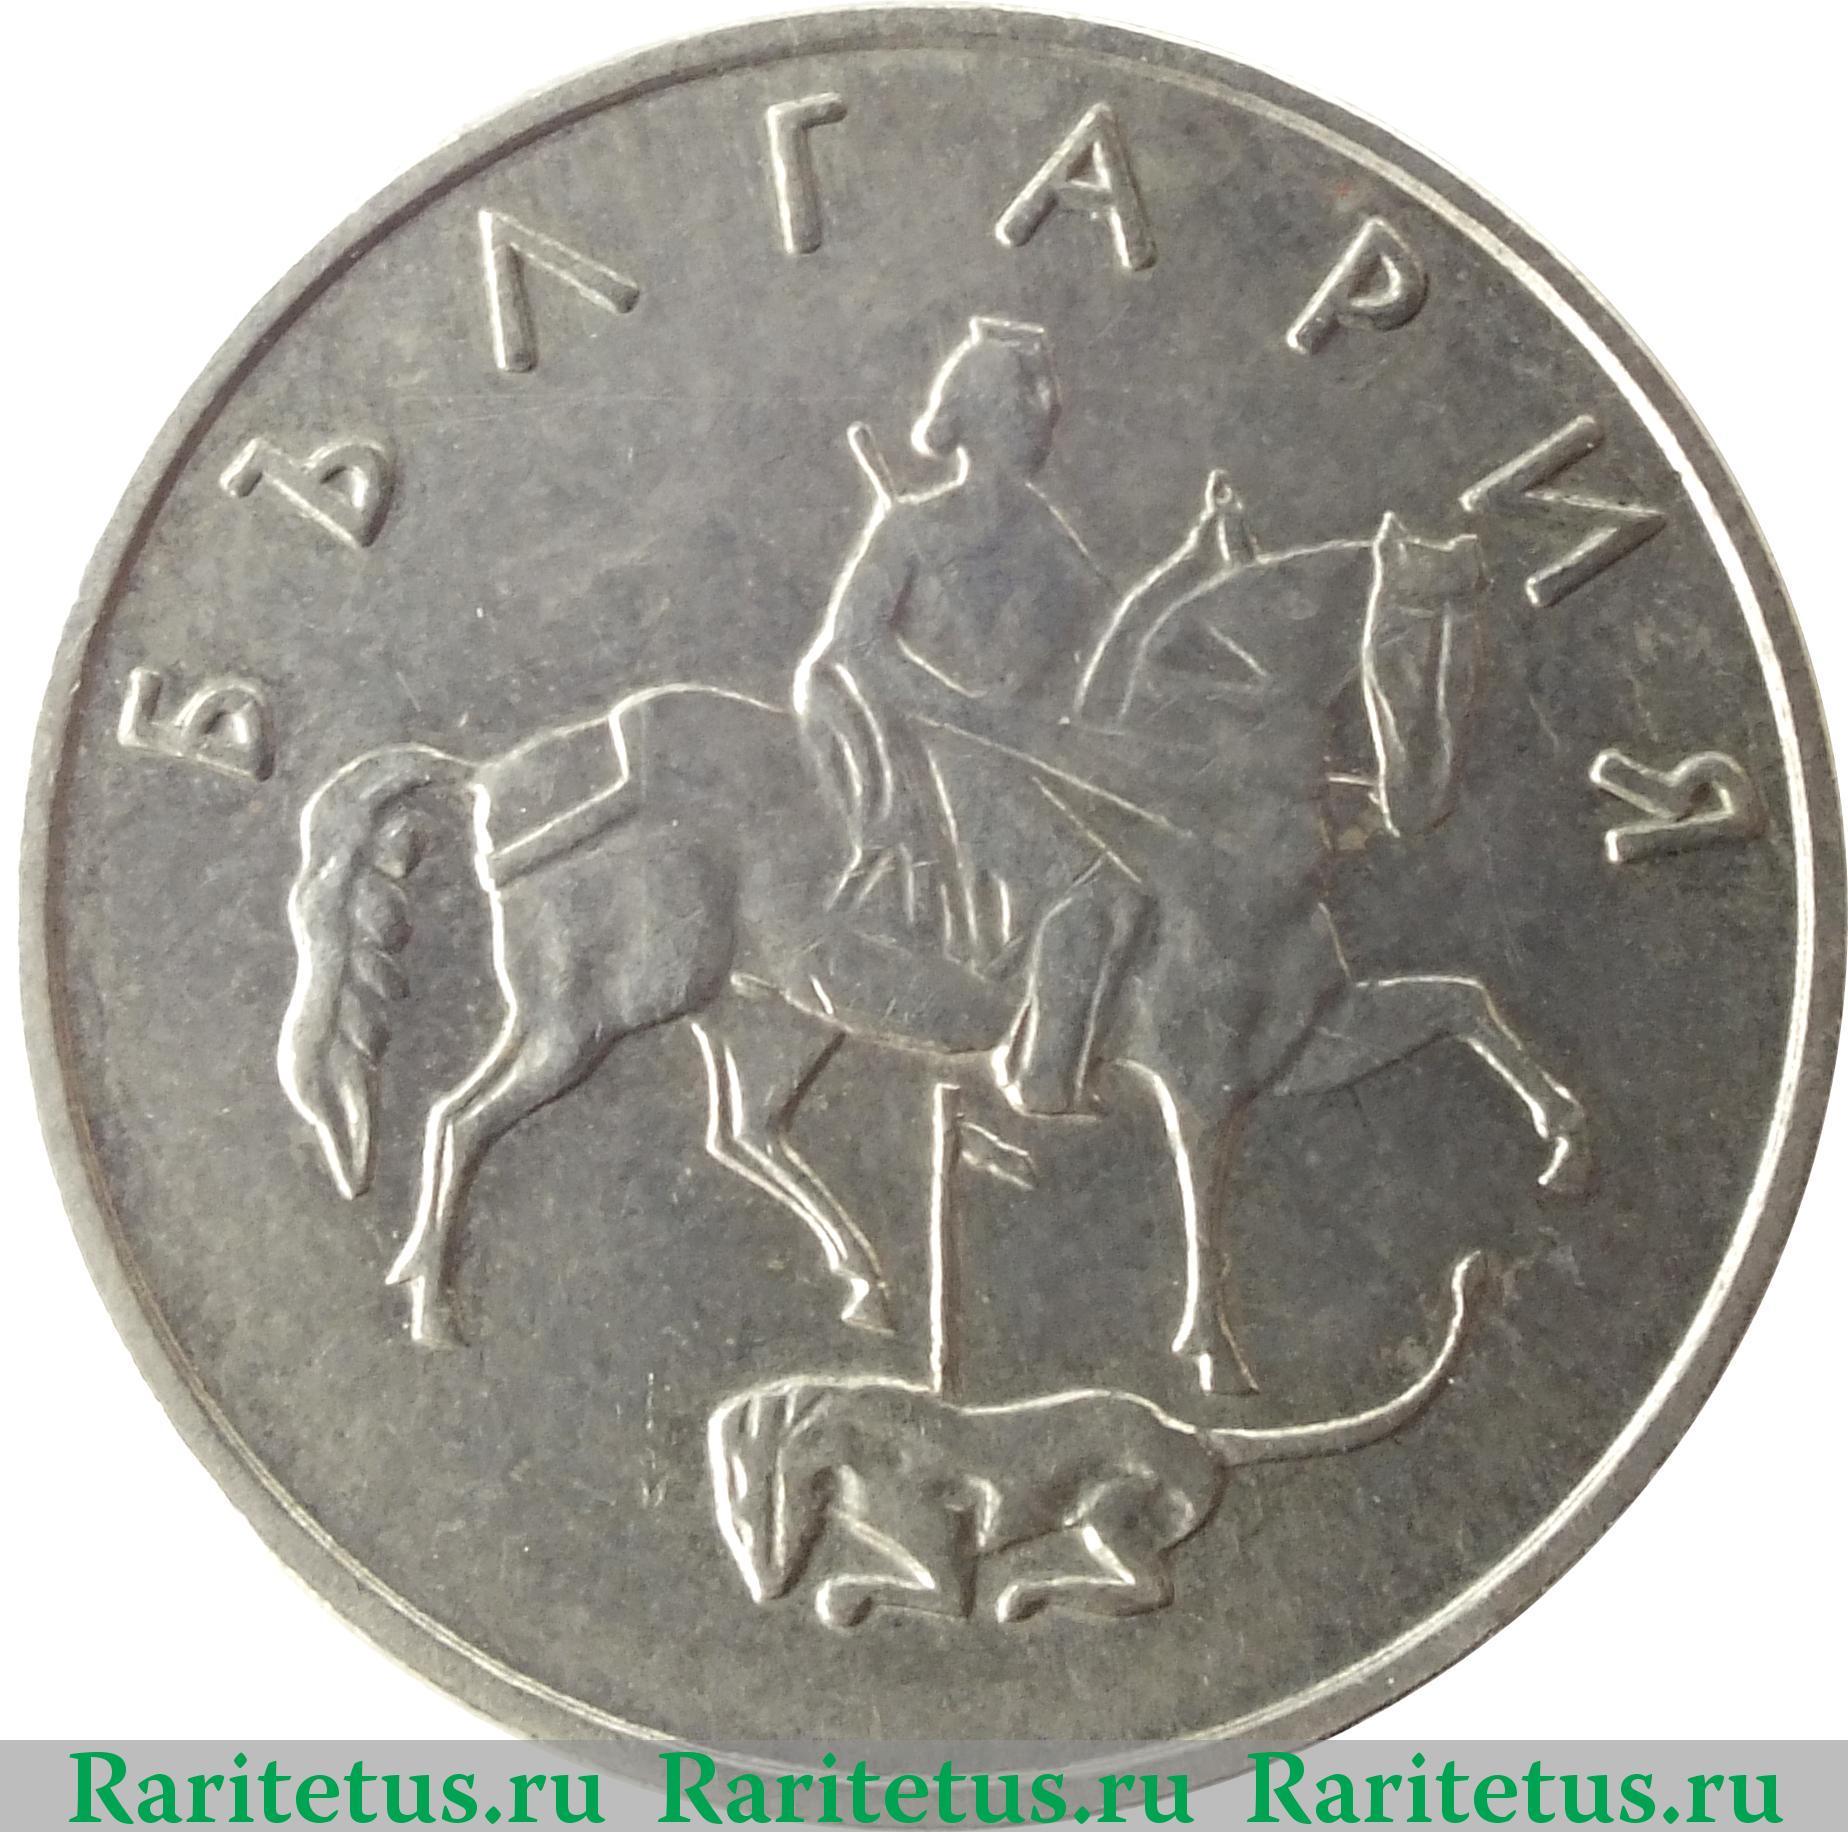 50 стотинки 1999 года цена 1000 юаней